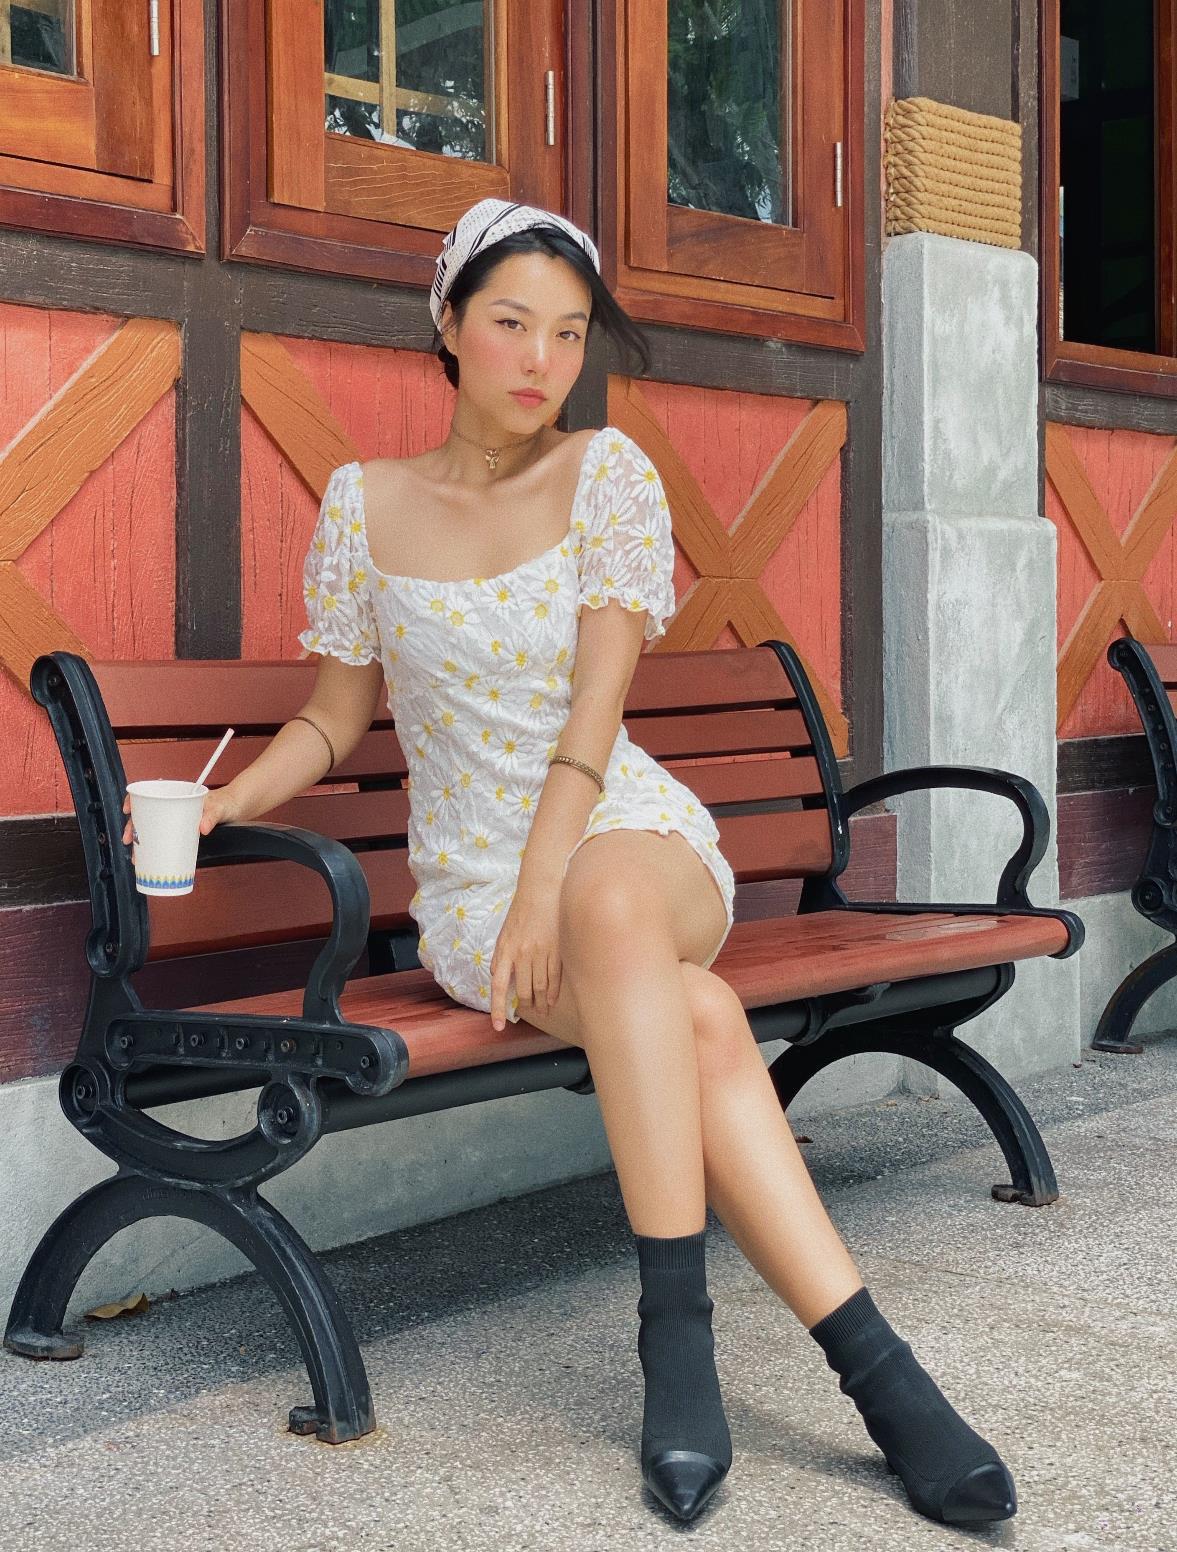 """Hot blogger Hà Trúc: Rực rỡ với trải nghiệm """"ăn ngon, mặc đẹp"""" và du lịch chất tại Nam đảo Phú Quốc - Ảnh 1."""